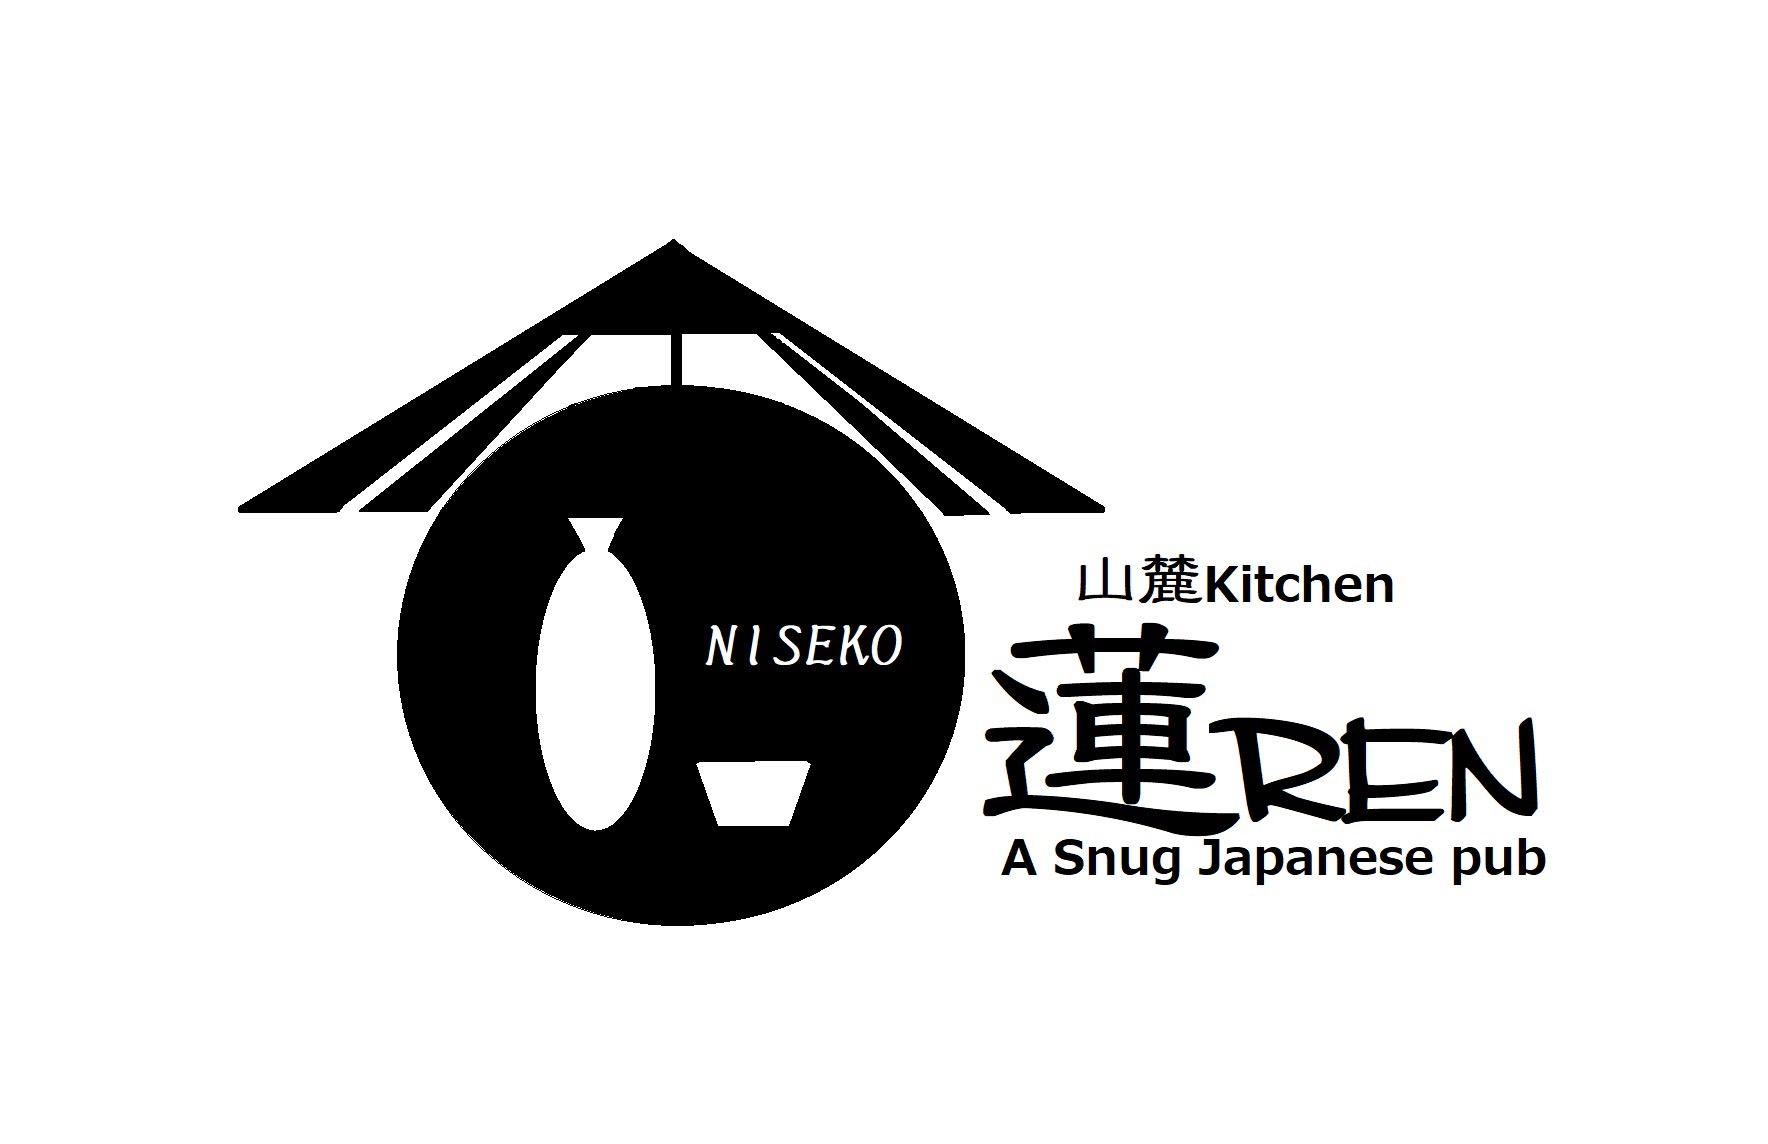 Japanese Kitchen and Pub - Ren logo